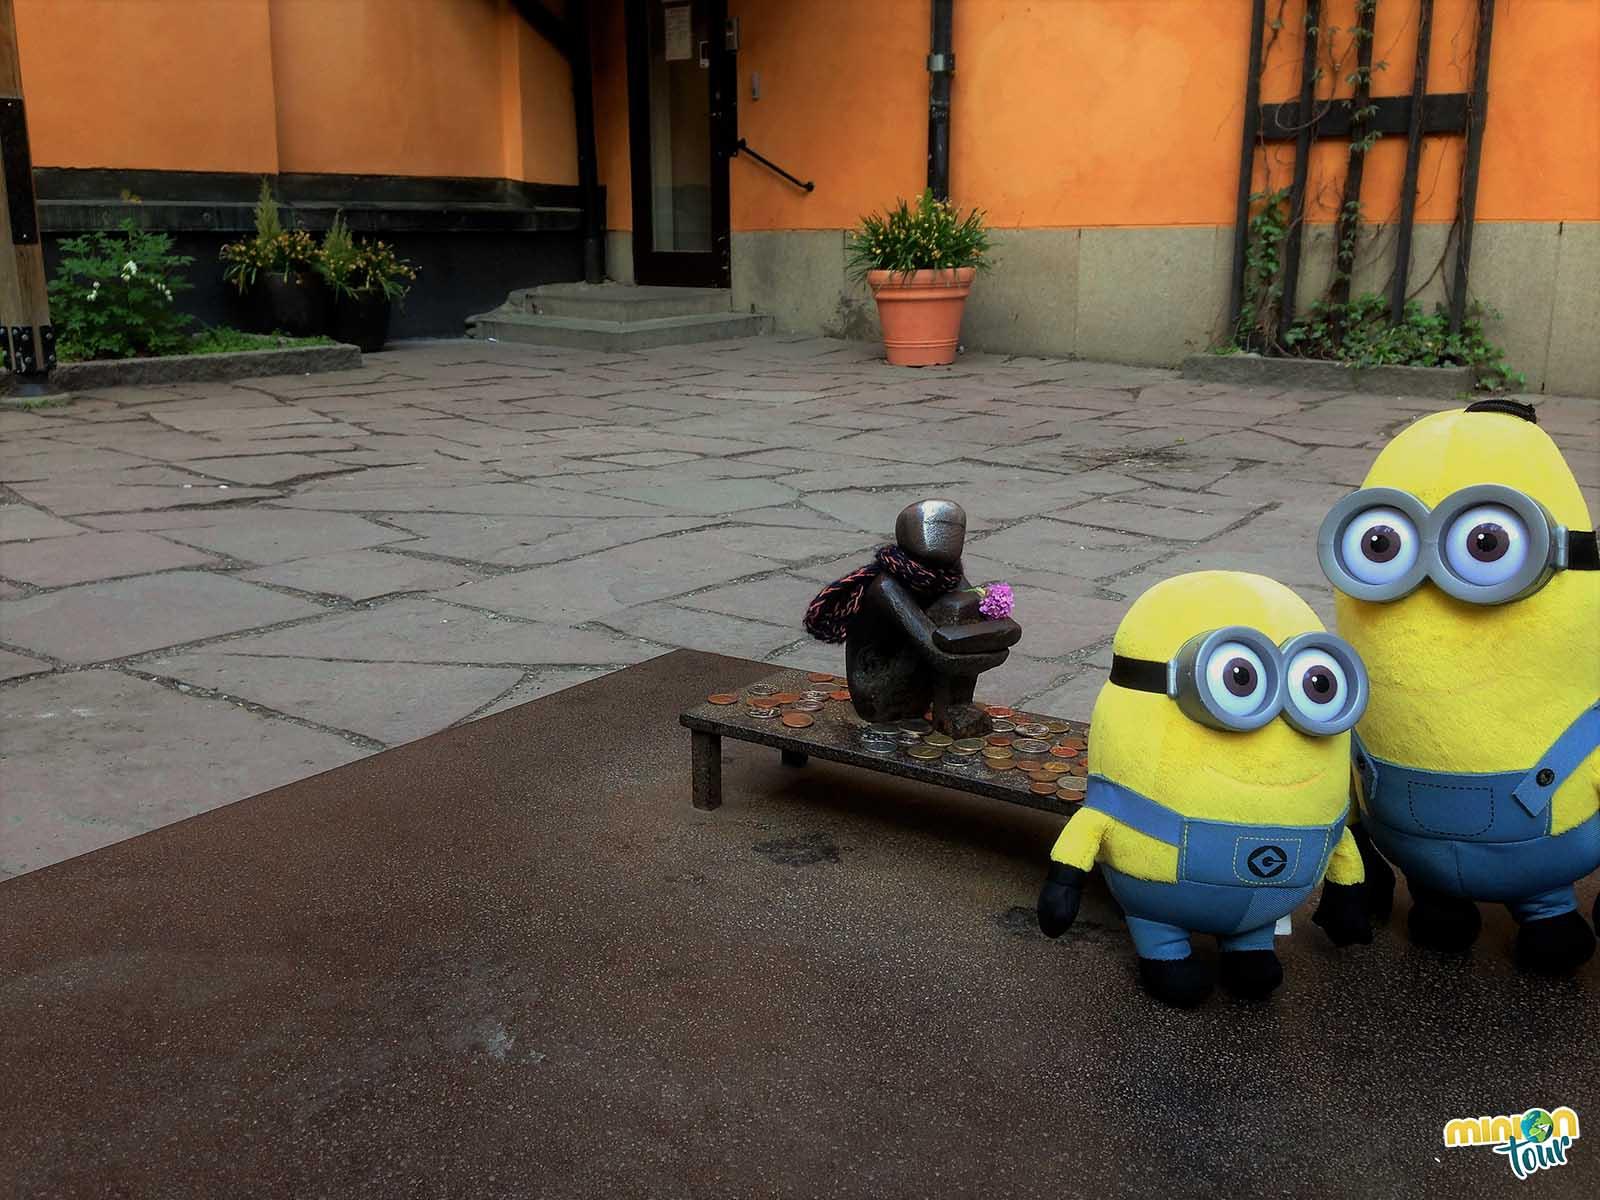 Los minions con el chico de hierro en la Plaza Bollhustäppan